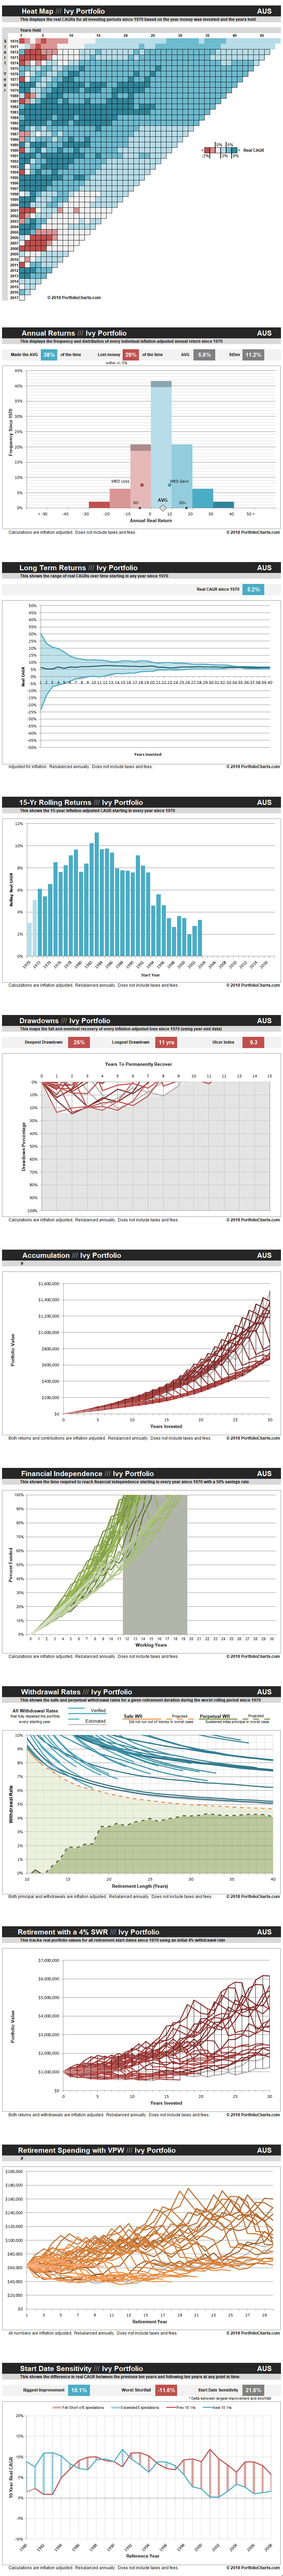 ivy-portfolio-AUS-20180508